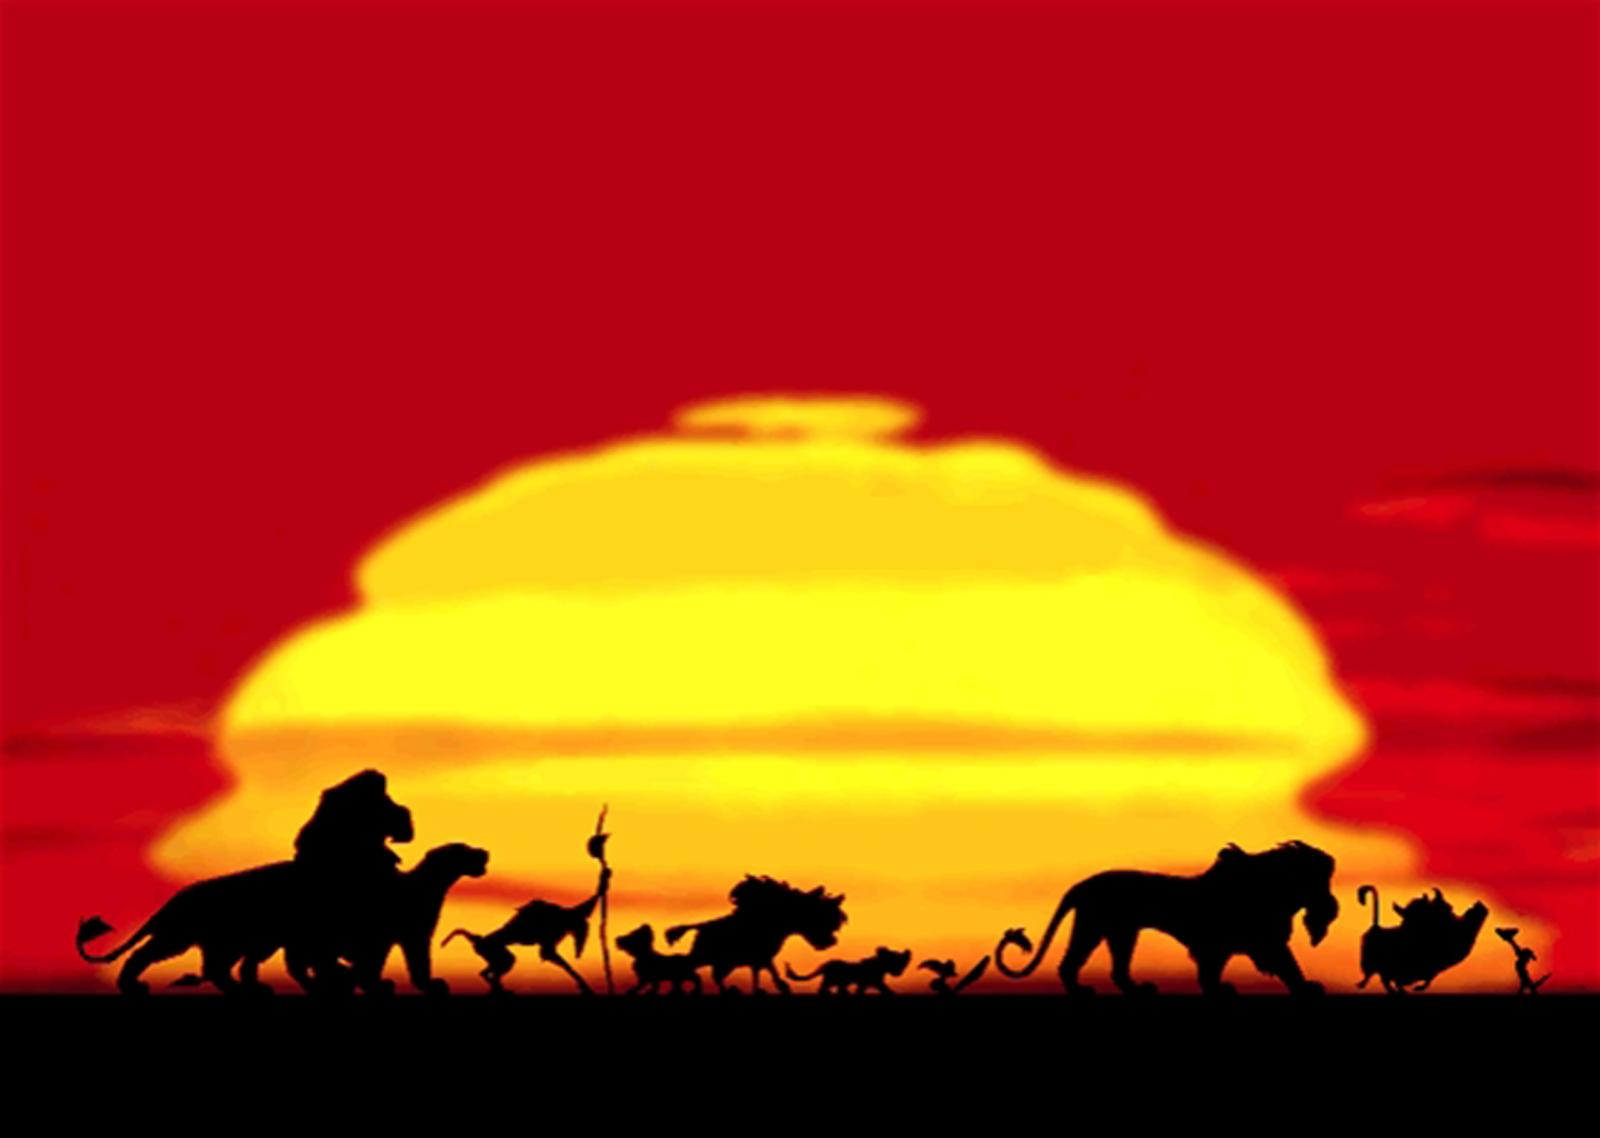 http://4.bp.blogspot.com/-RuWPIVXN3Fs/TnZ7NfY3sEI/AAAAAAAABI4/DBCdCDVwkcQ/s1600/The_lion_king_sundown_hd_wallpapers_Vvallpaper.net.jpg